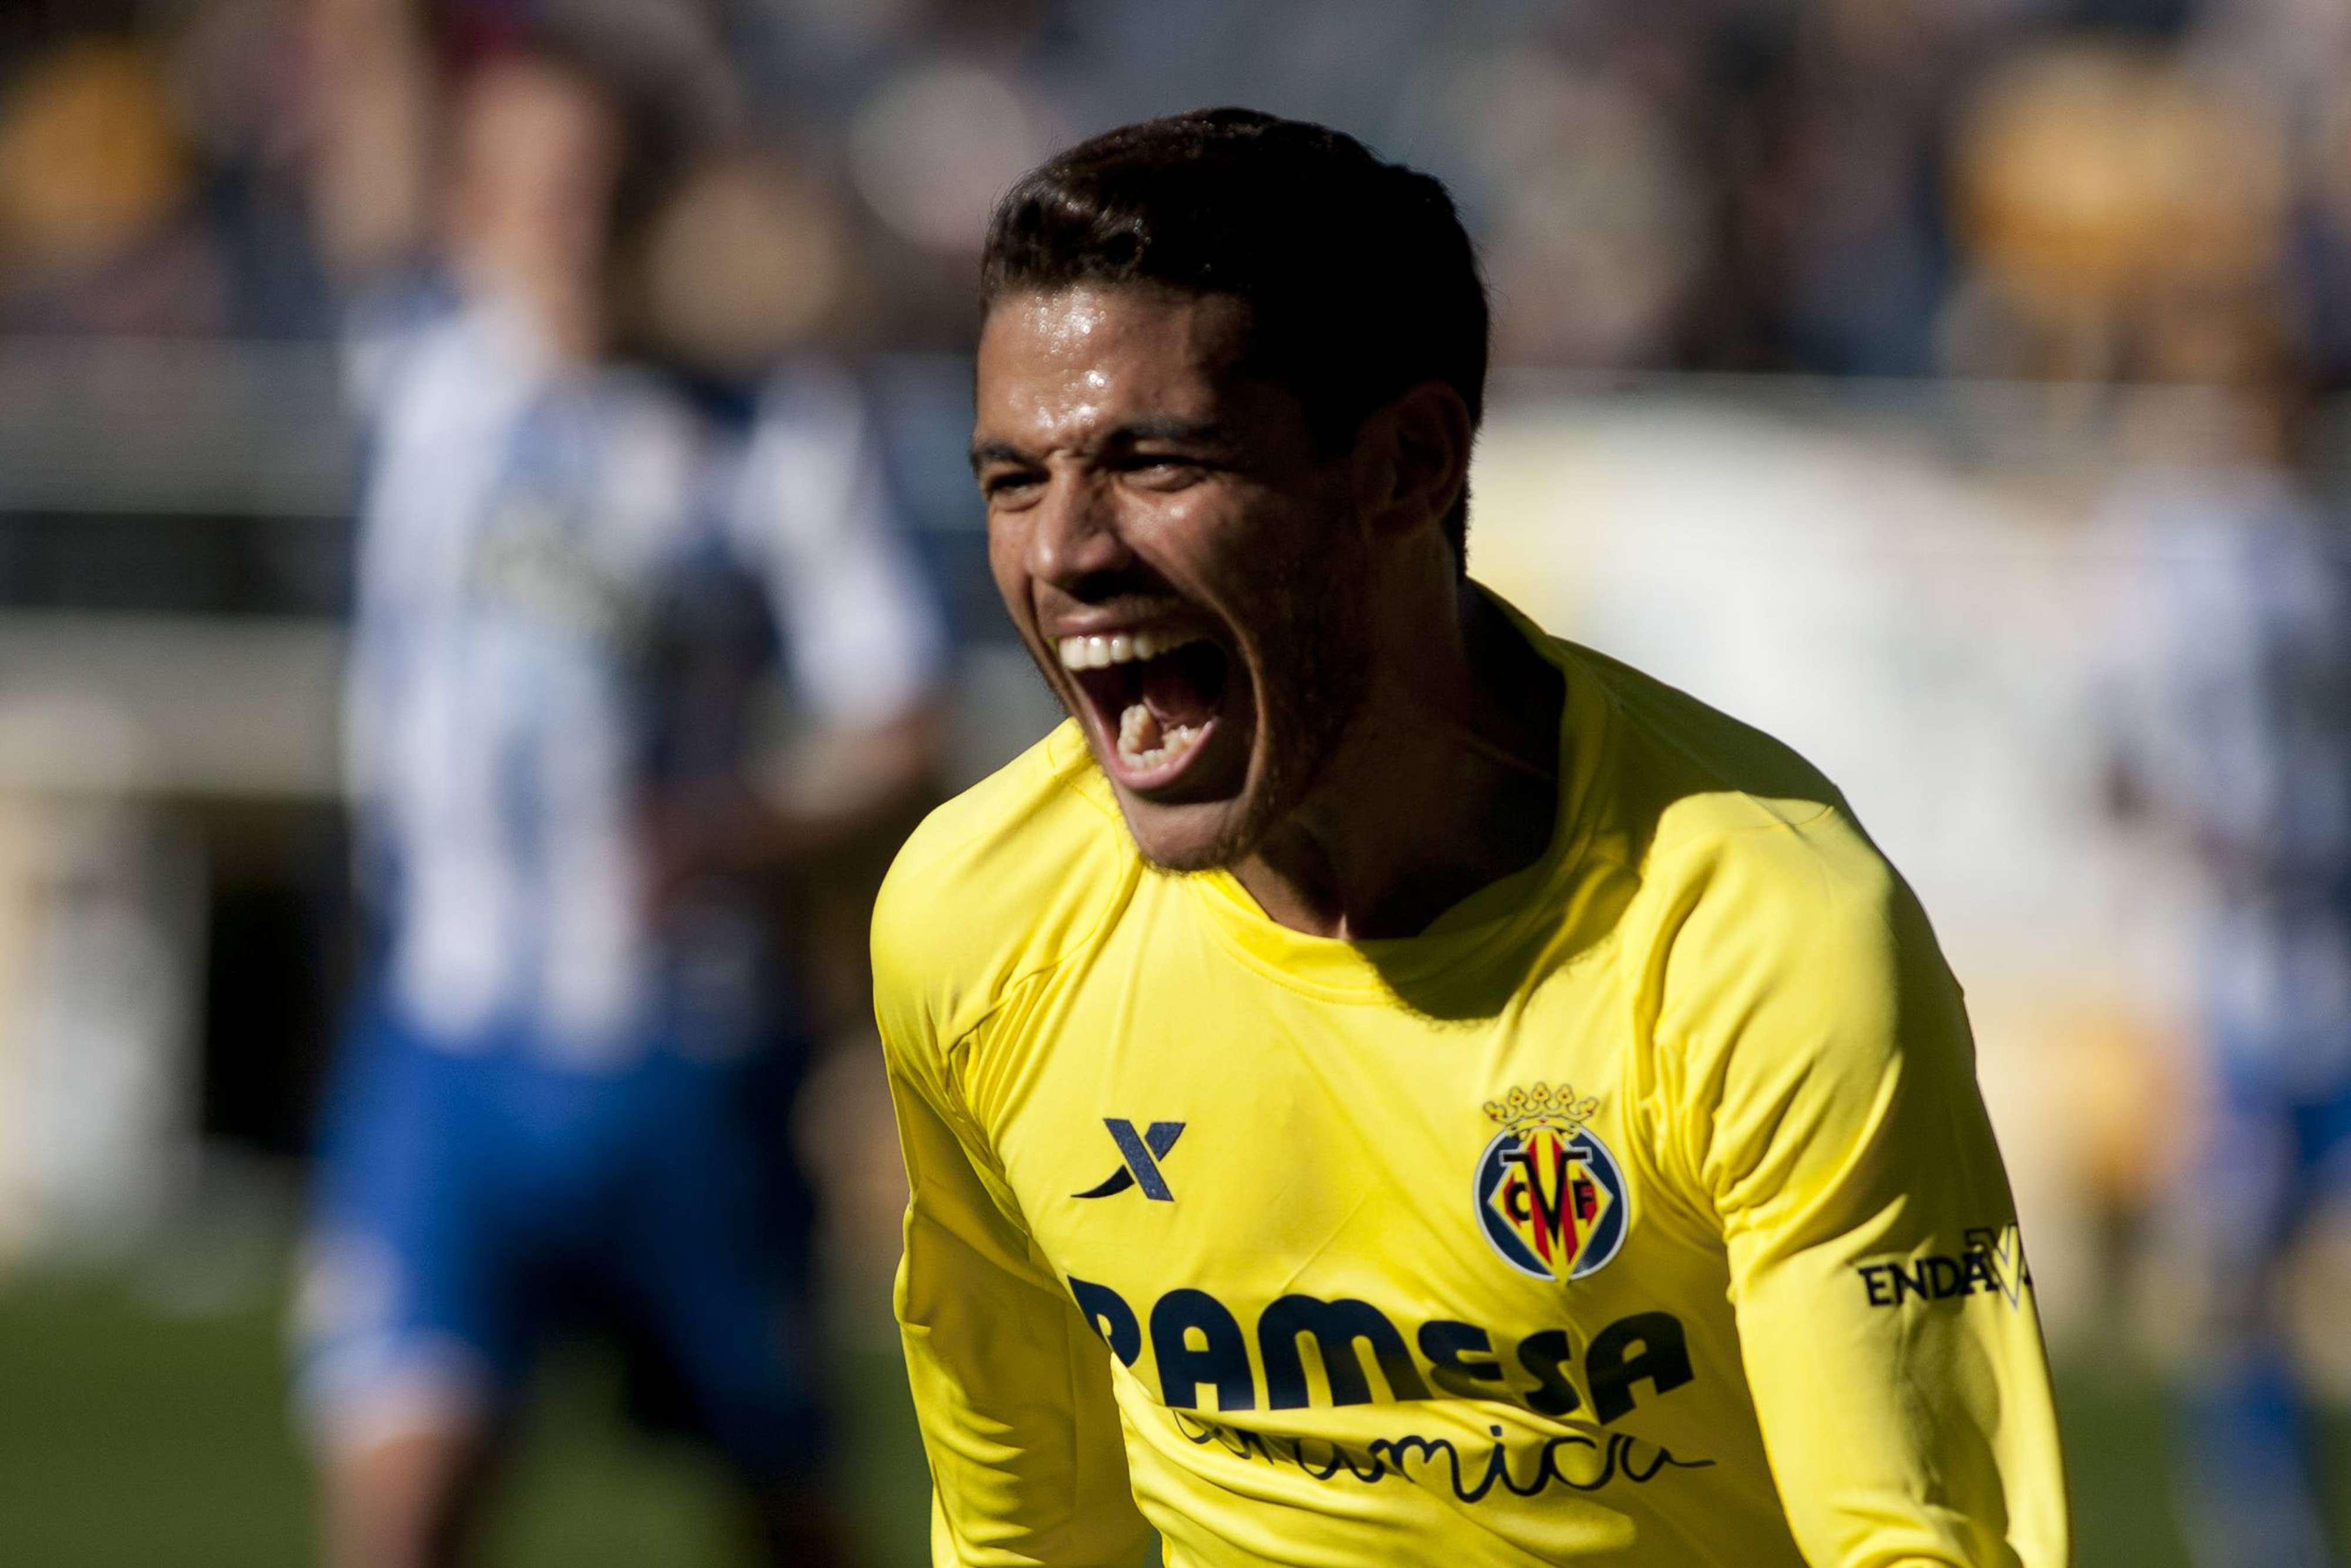 'Jona' festejó su gol con 'Gio'. Foto: Mexsport